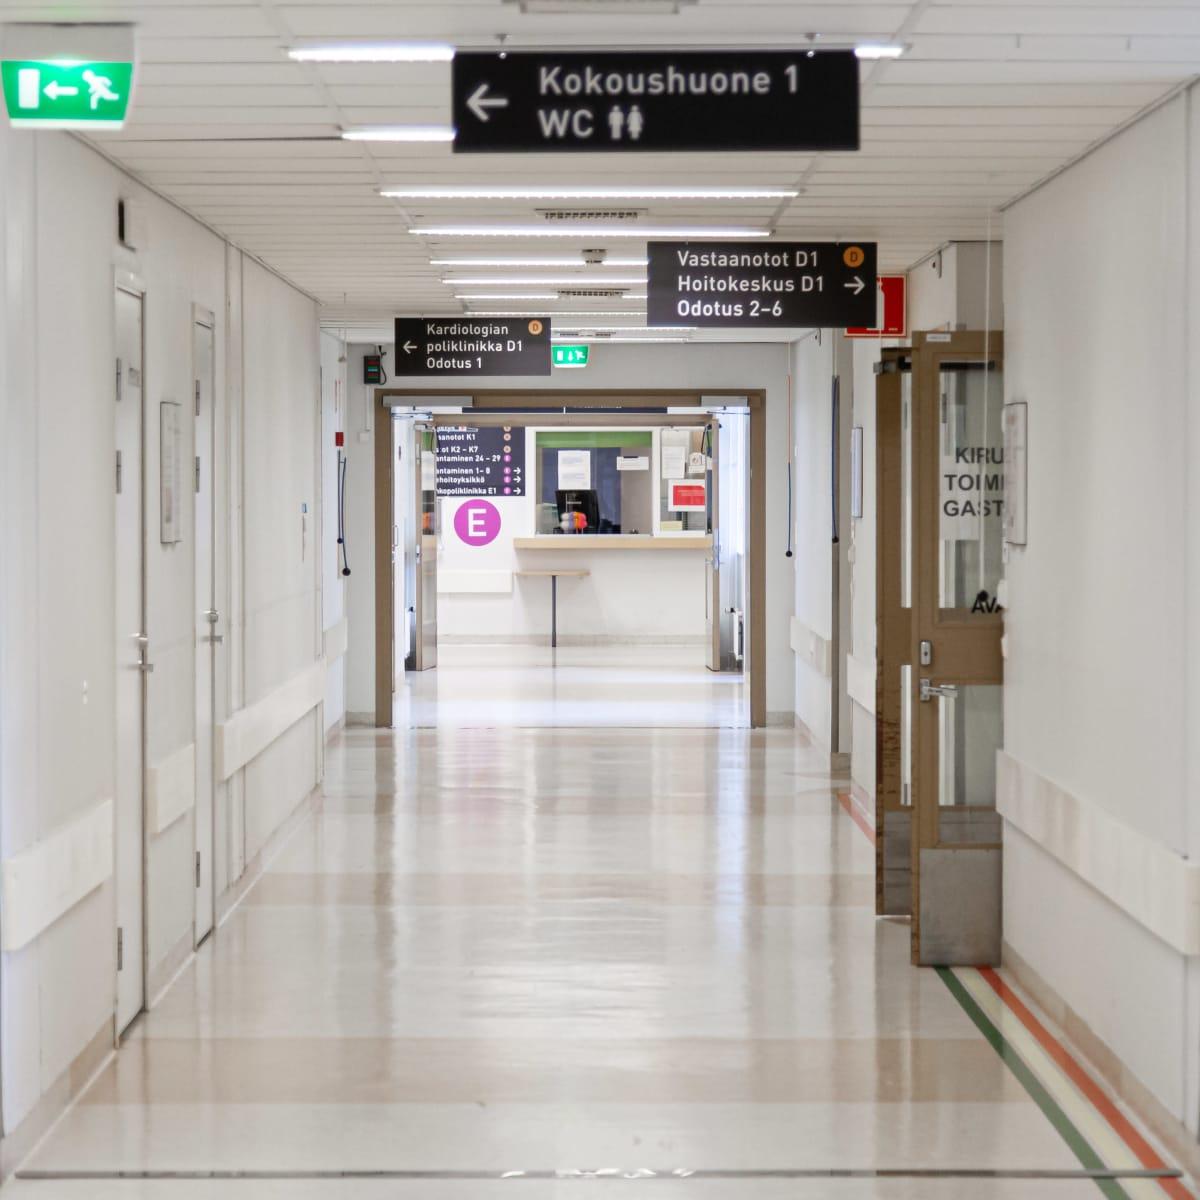 Etelä-Karjalan keskussairaalan kuvantamiseen johtava käytävä.